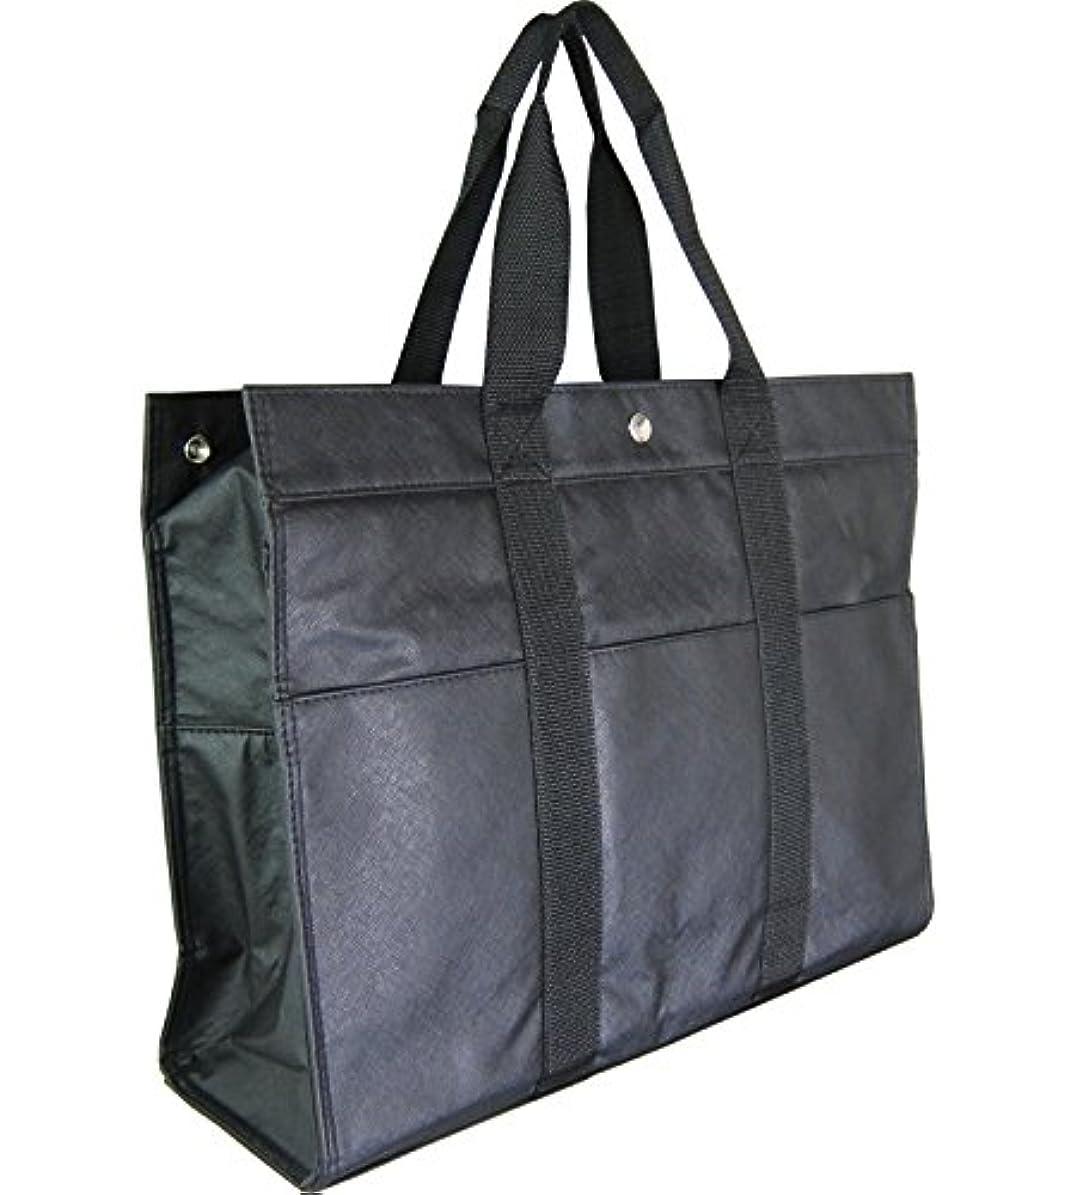 弱まる光沢中世の開明 トートバッグ 大容量 黒 HO1614